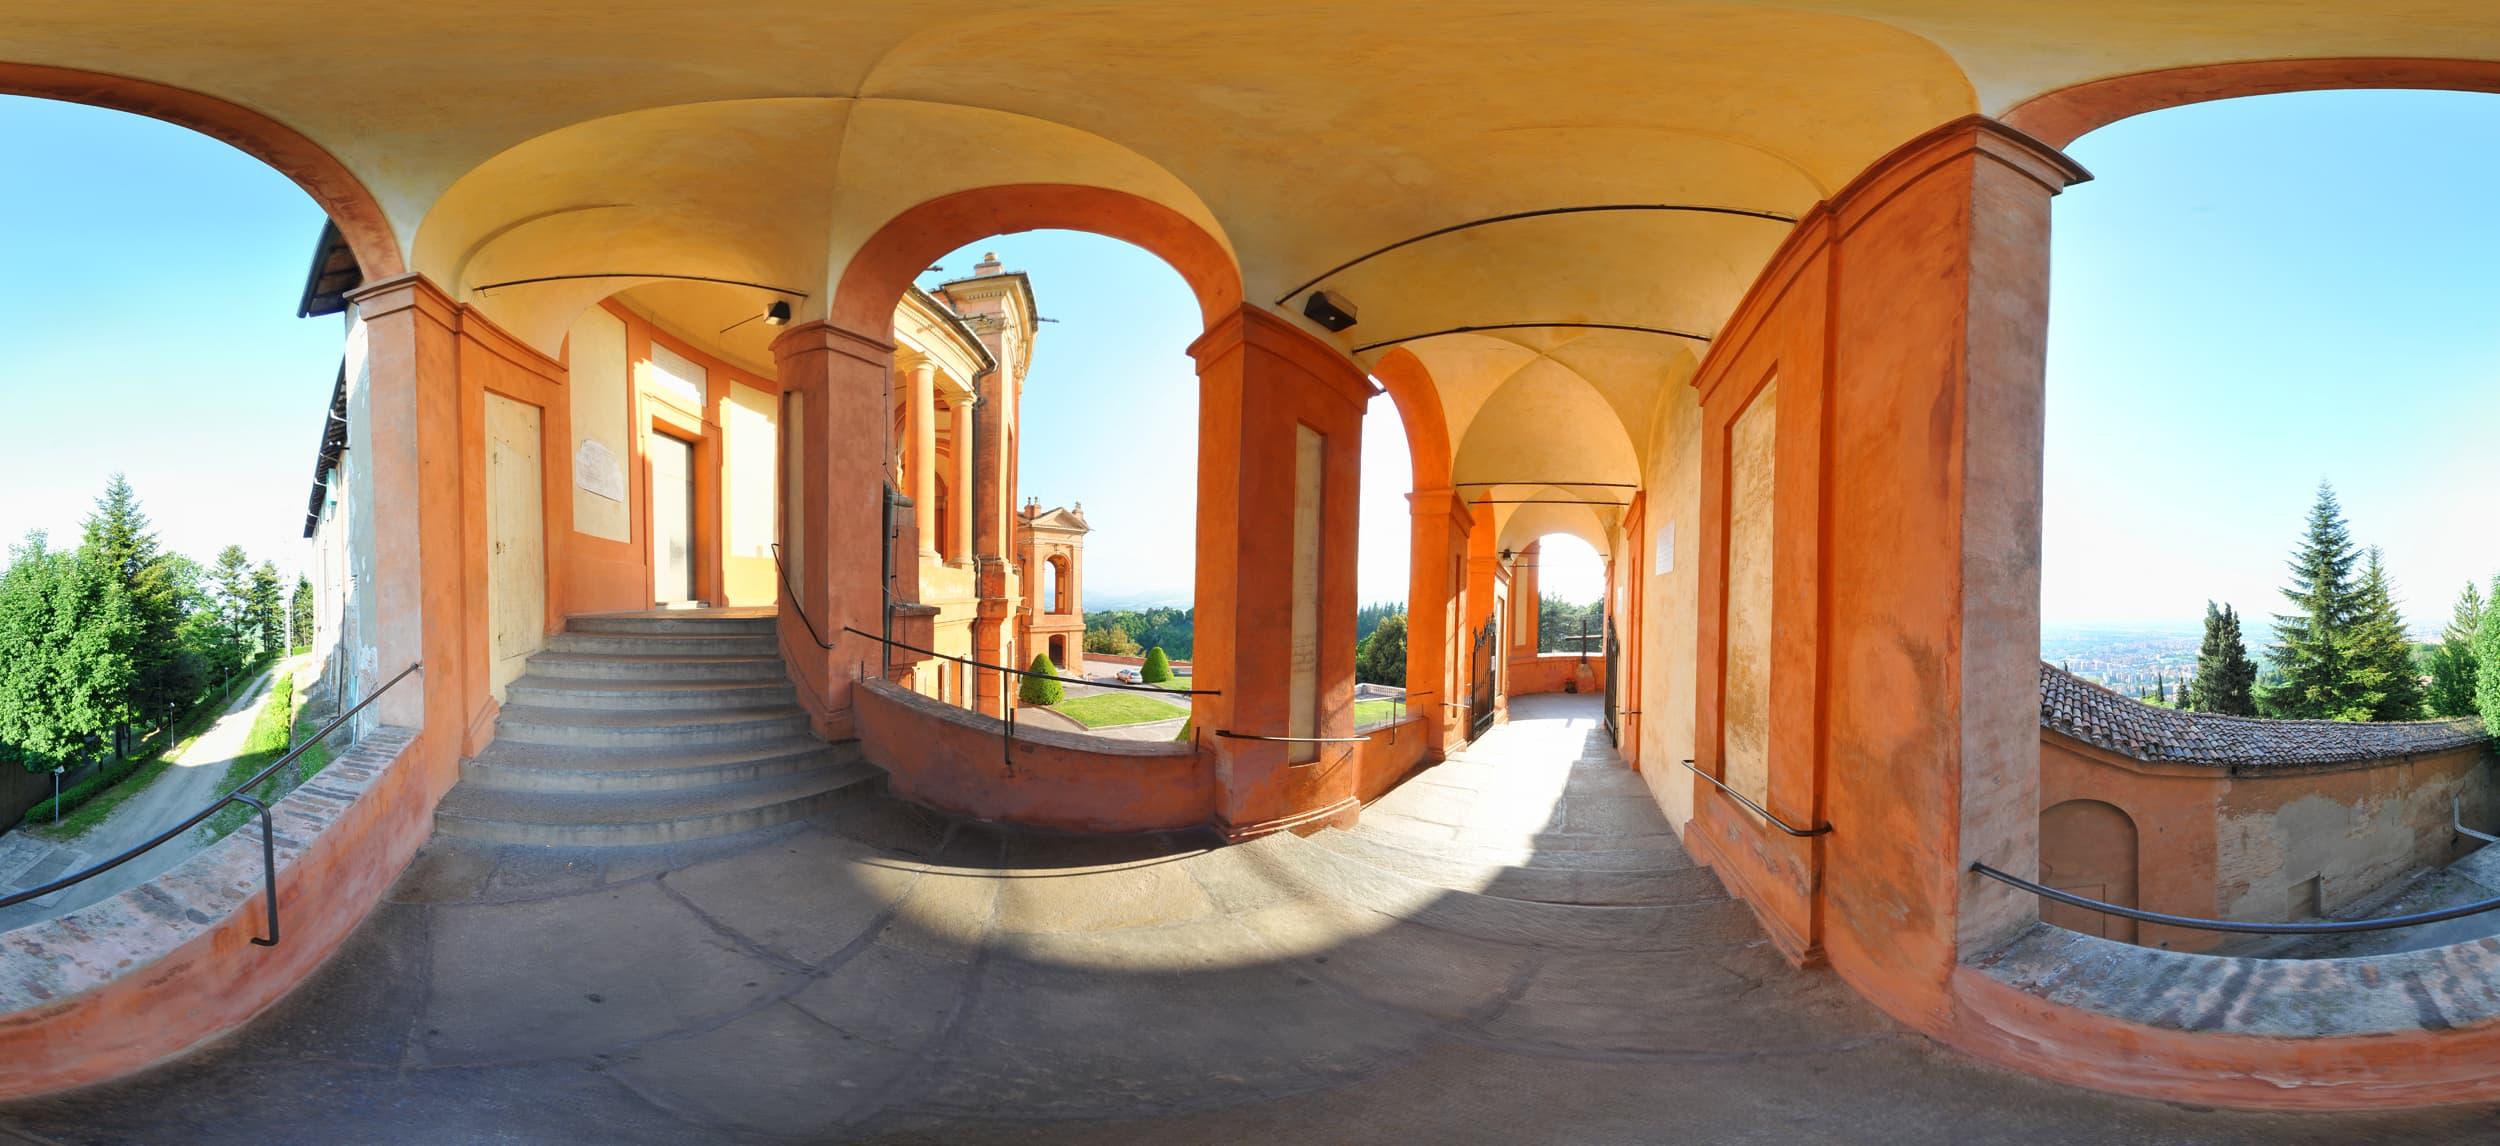 [Parlami di tER] Alla scoperta dei Portici di Bologna candidati Patrimonio UNESCO